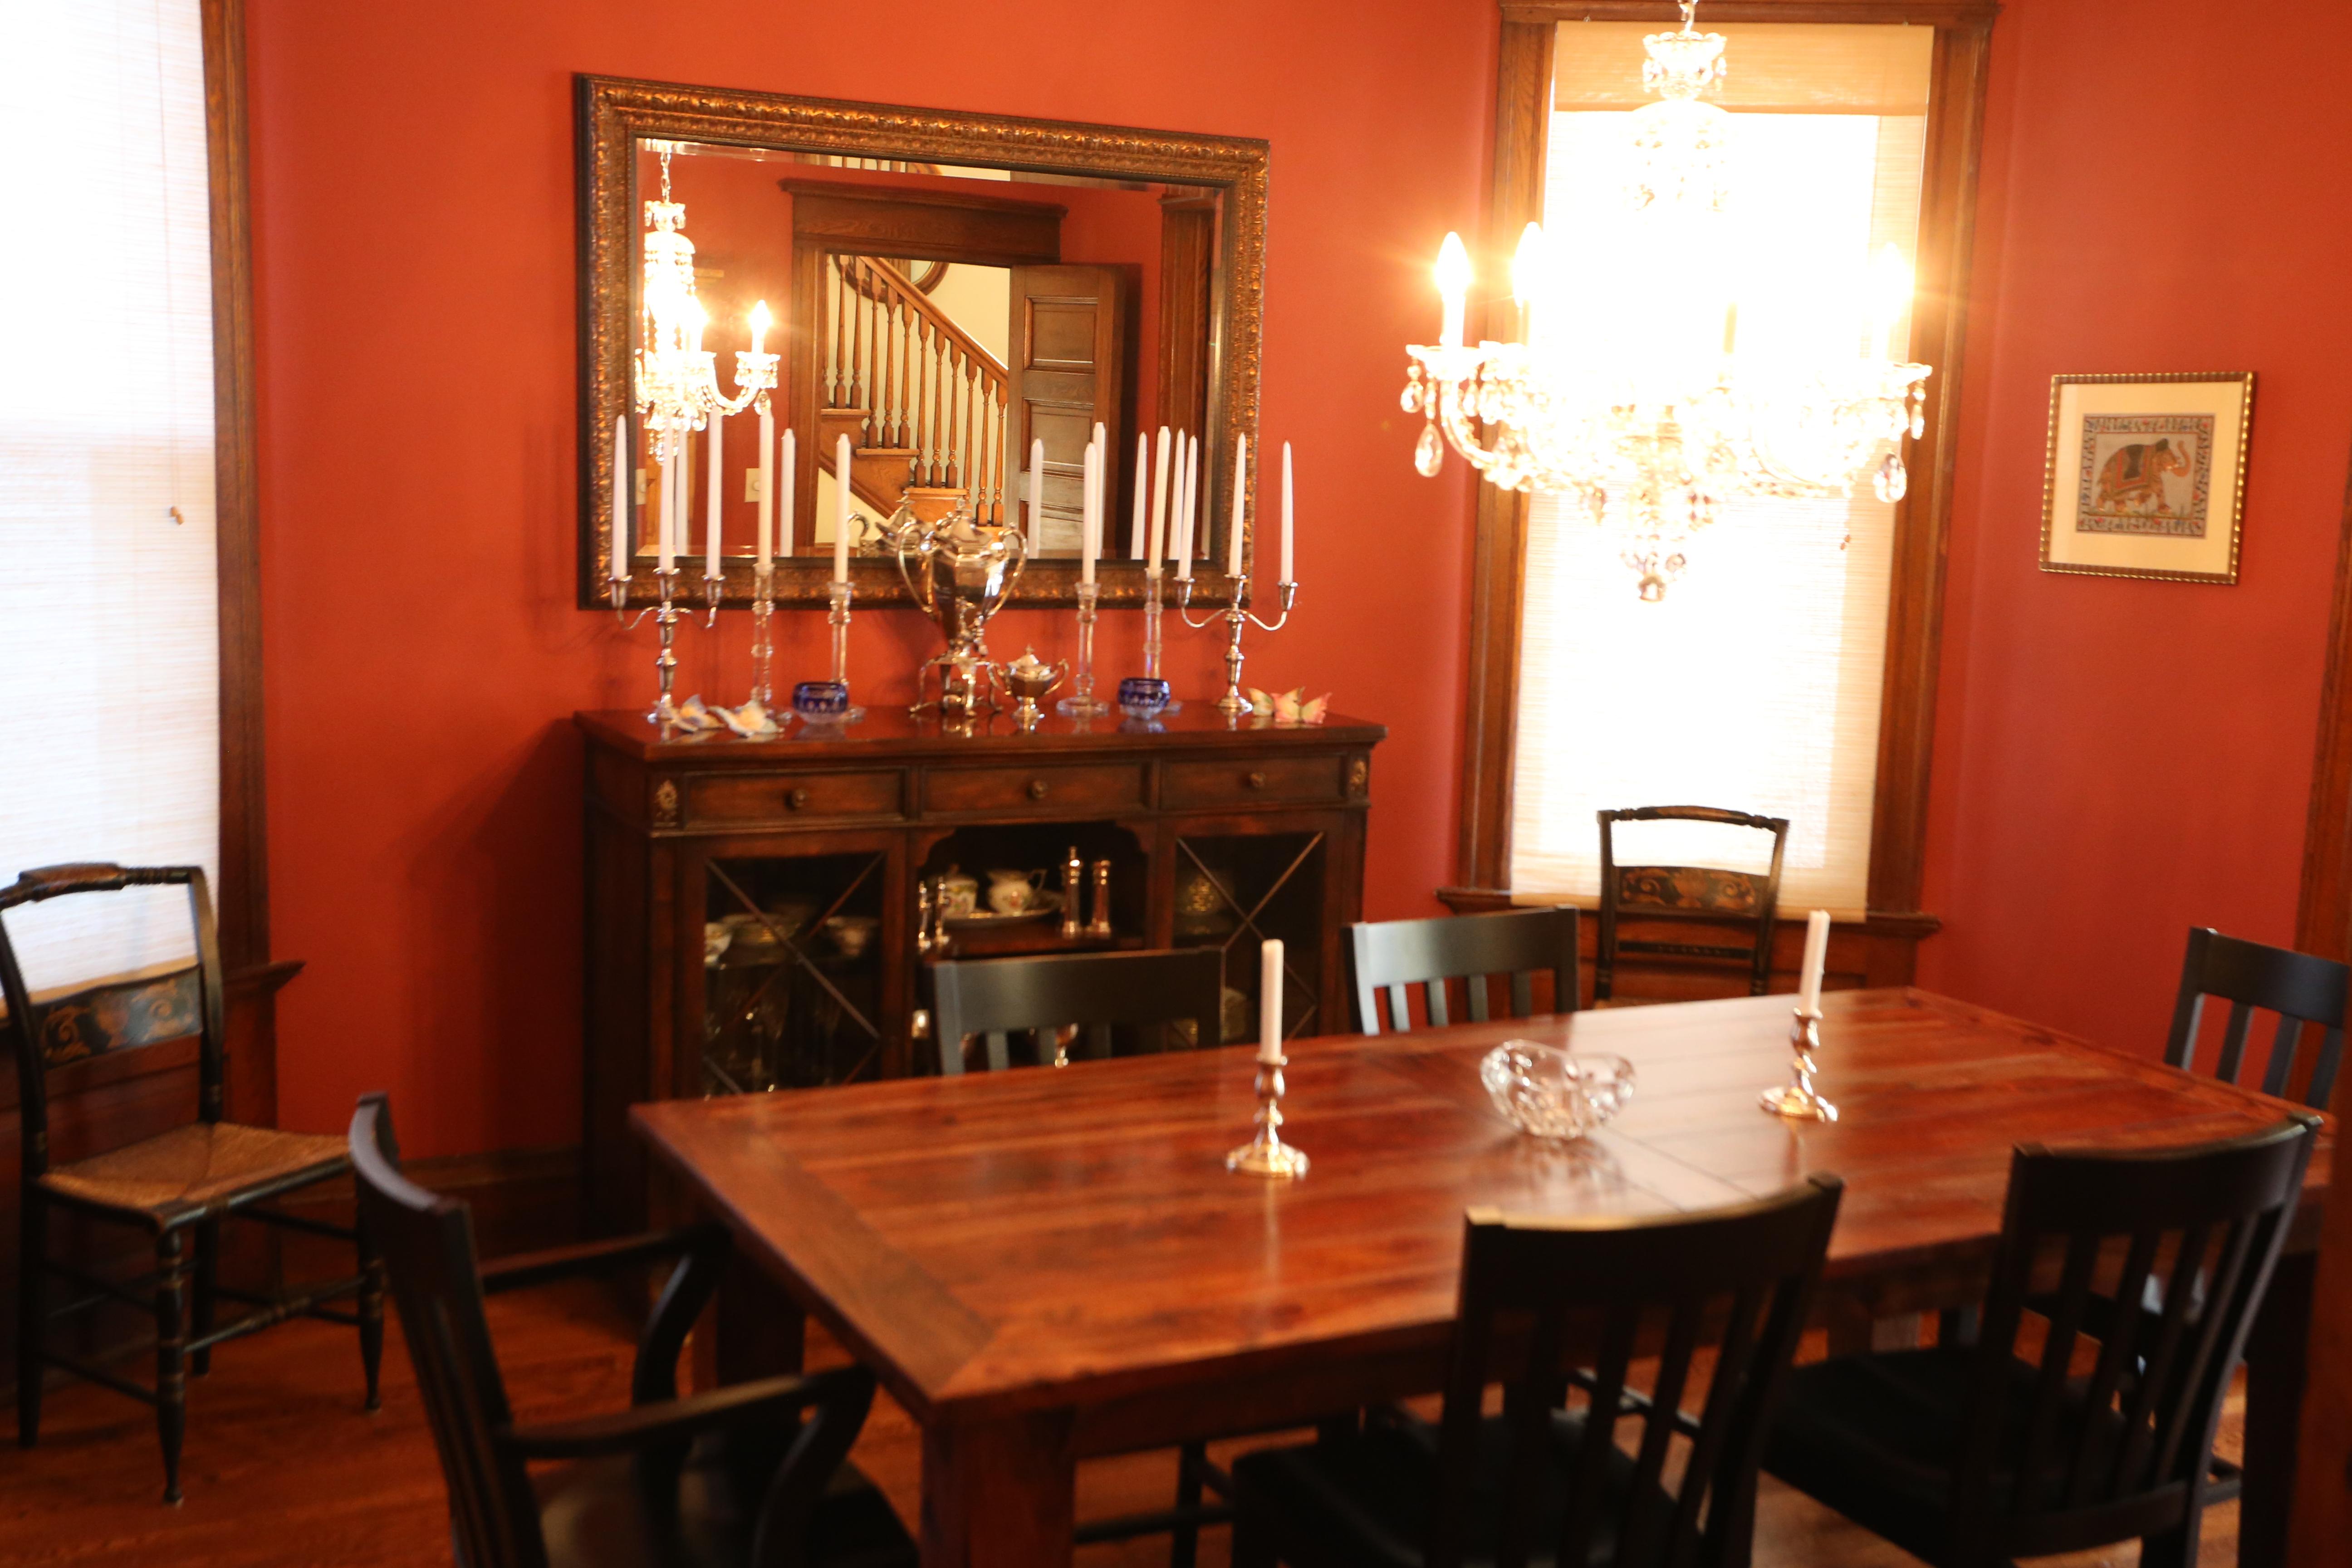 Dining room from kitchen door